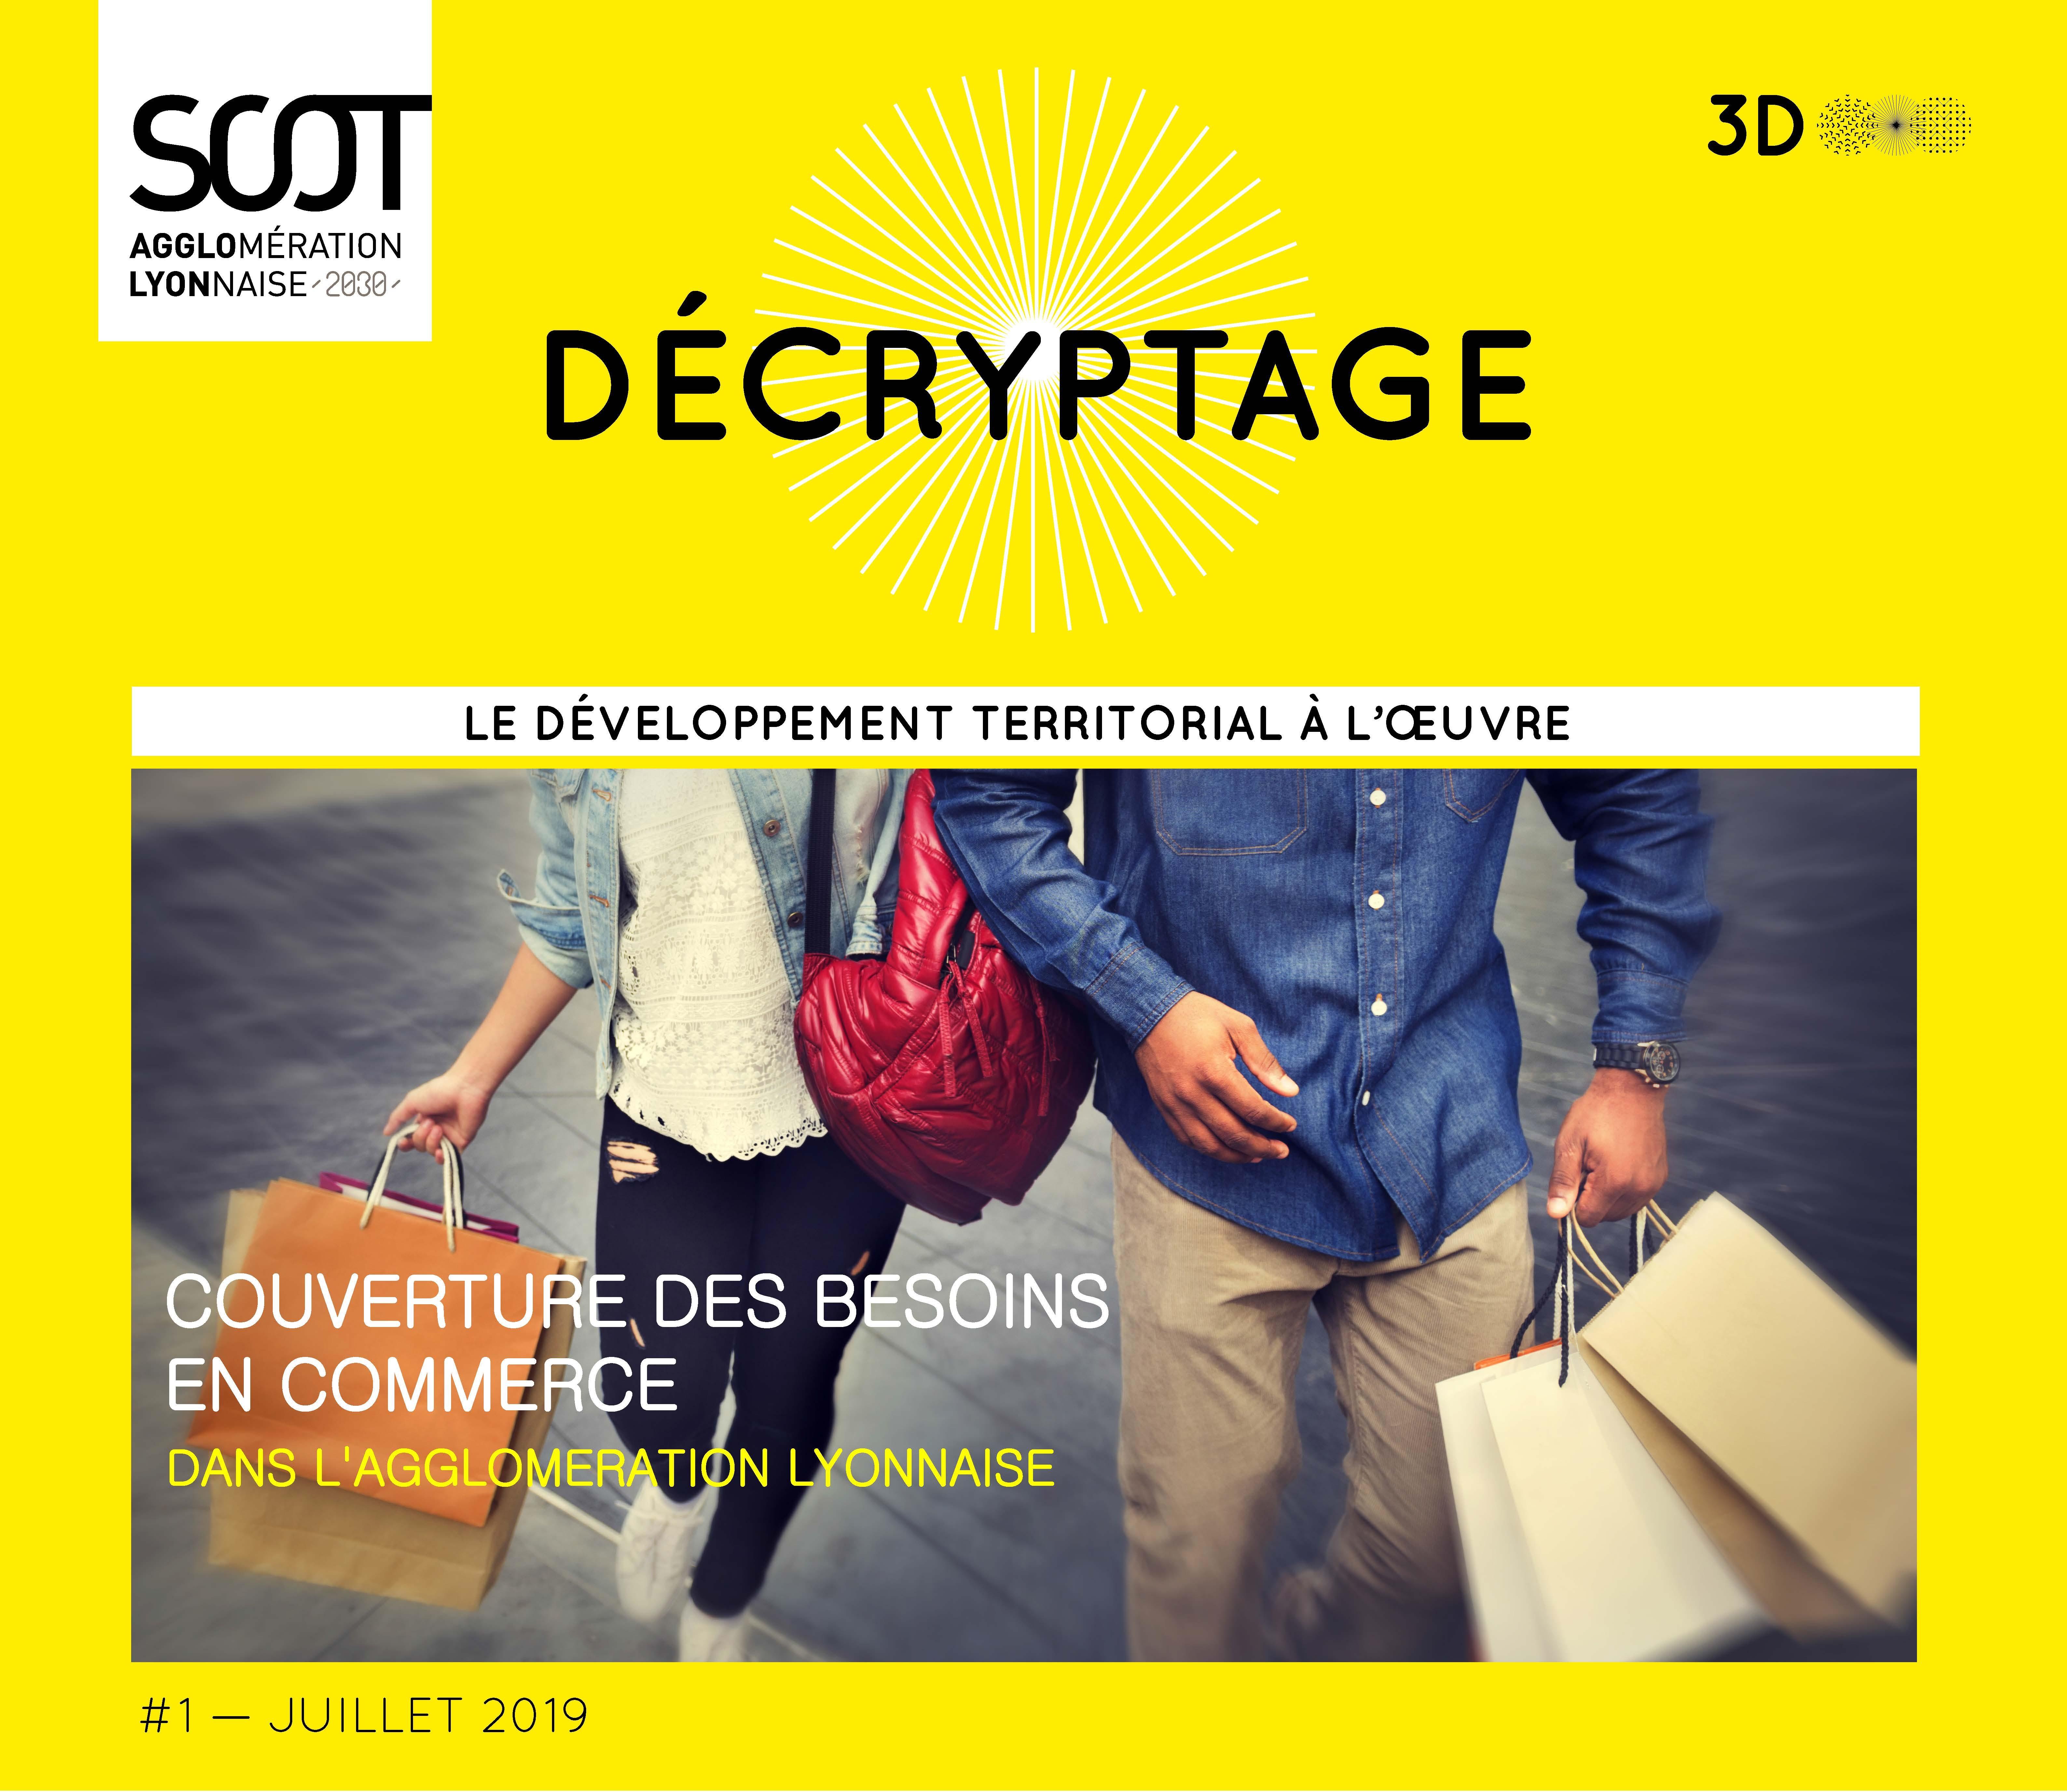 Décryptage #1 – Comportements d'achat et activités commerciales dans l'agglomération lyonnaise